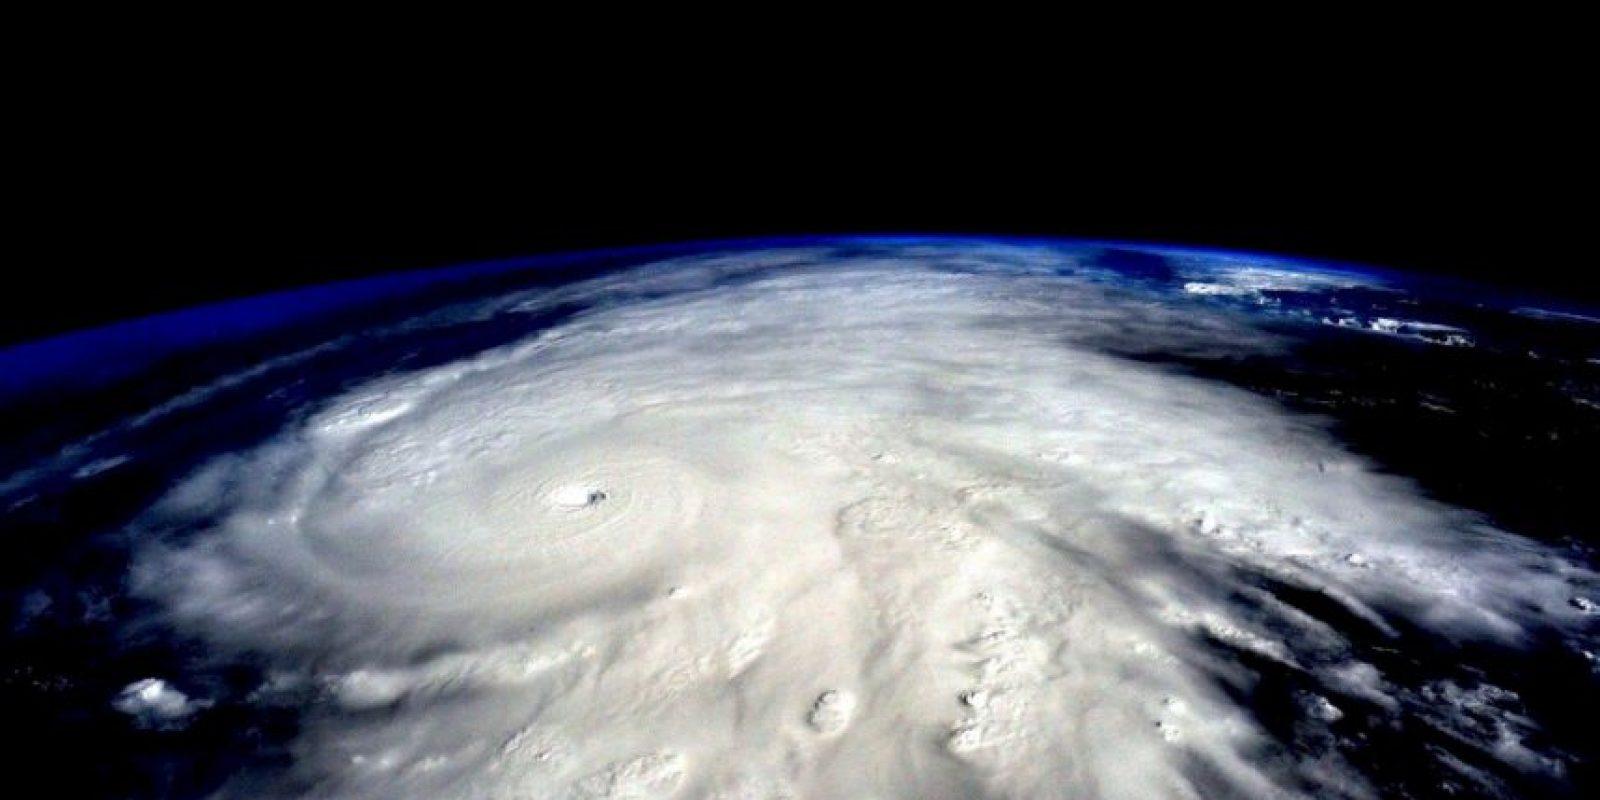 Mientras, el estado de California, Estados Unidos se prepara para los estragos que podría causar el fenómeno de El Niño. Foto:Getty Images